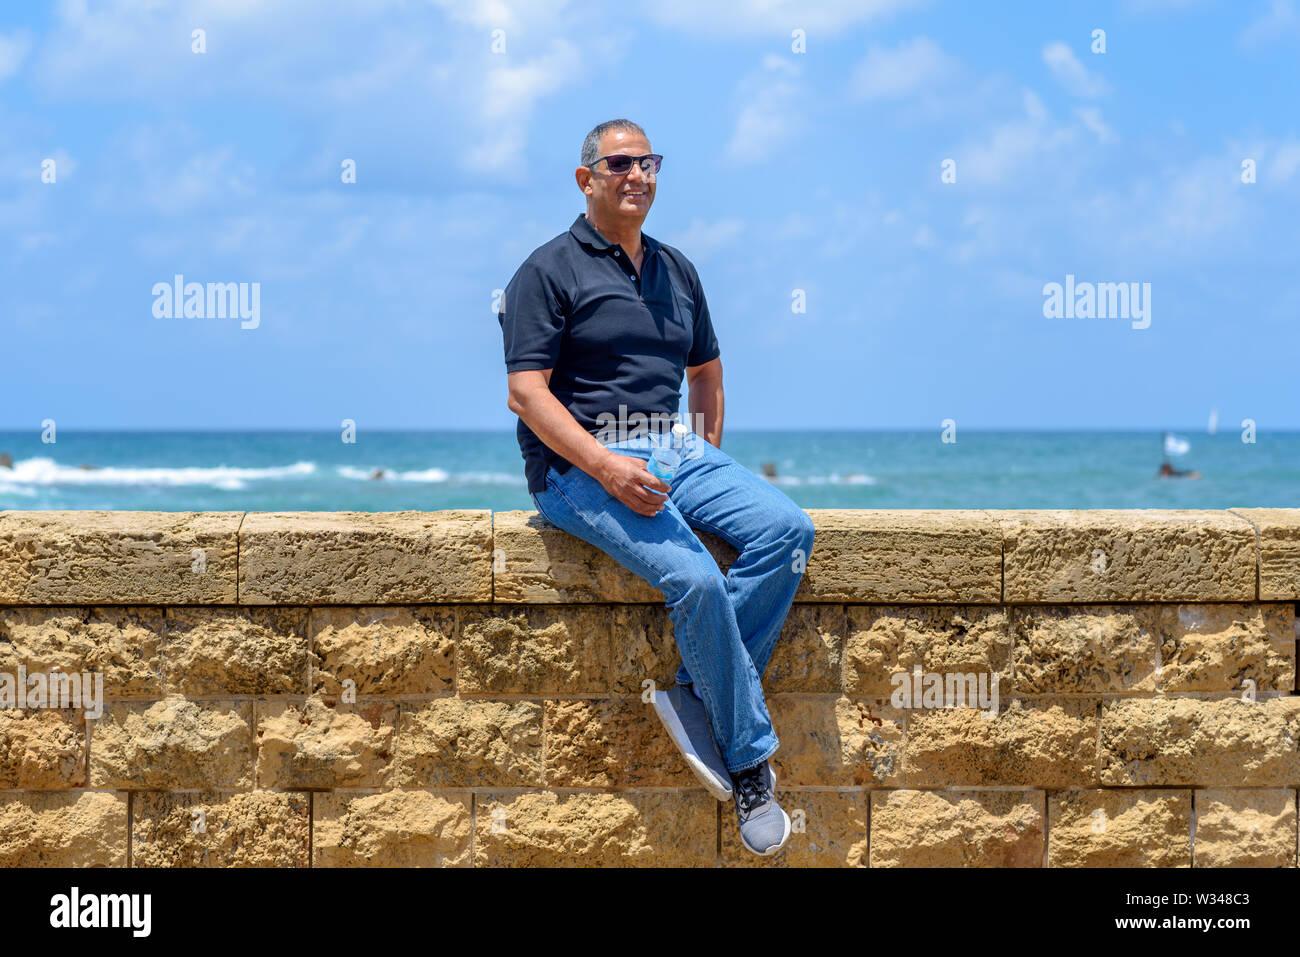 Lächelnd trendy Touristische älterer Mann sitzt von alten Ziegel historische Stein. Portrait von Stattlichen alter Mode Senior mit schwarzen T-Shirt und Jeans auf Bl Stockbild